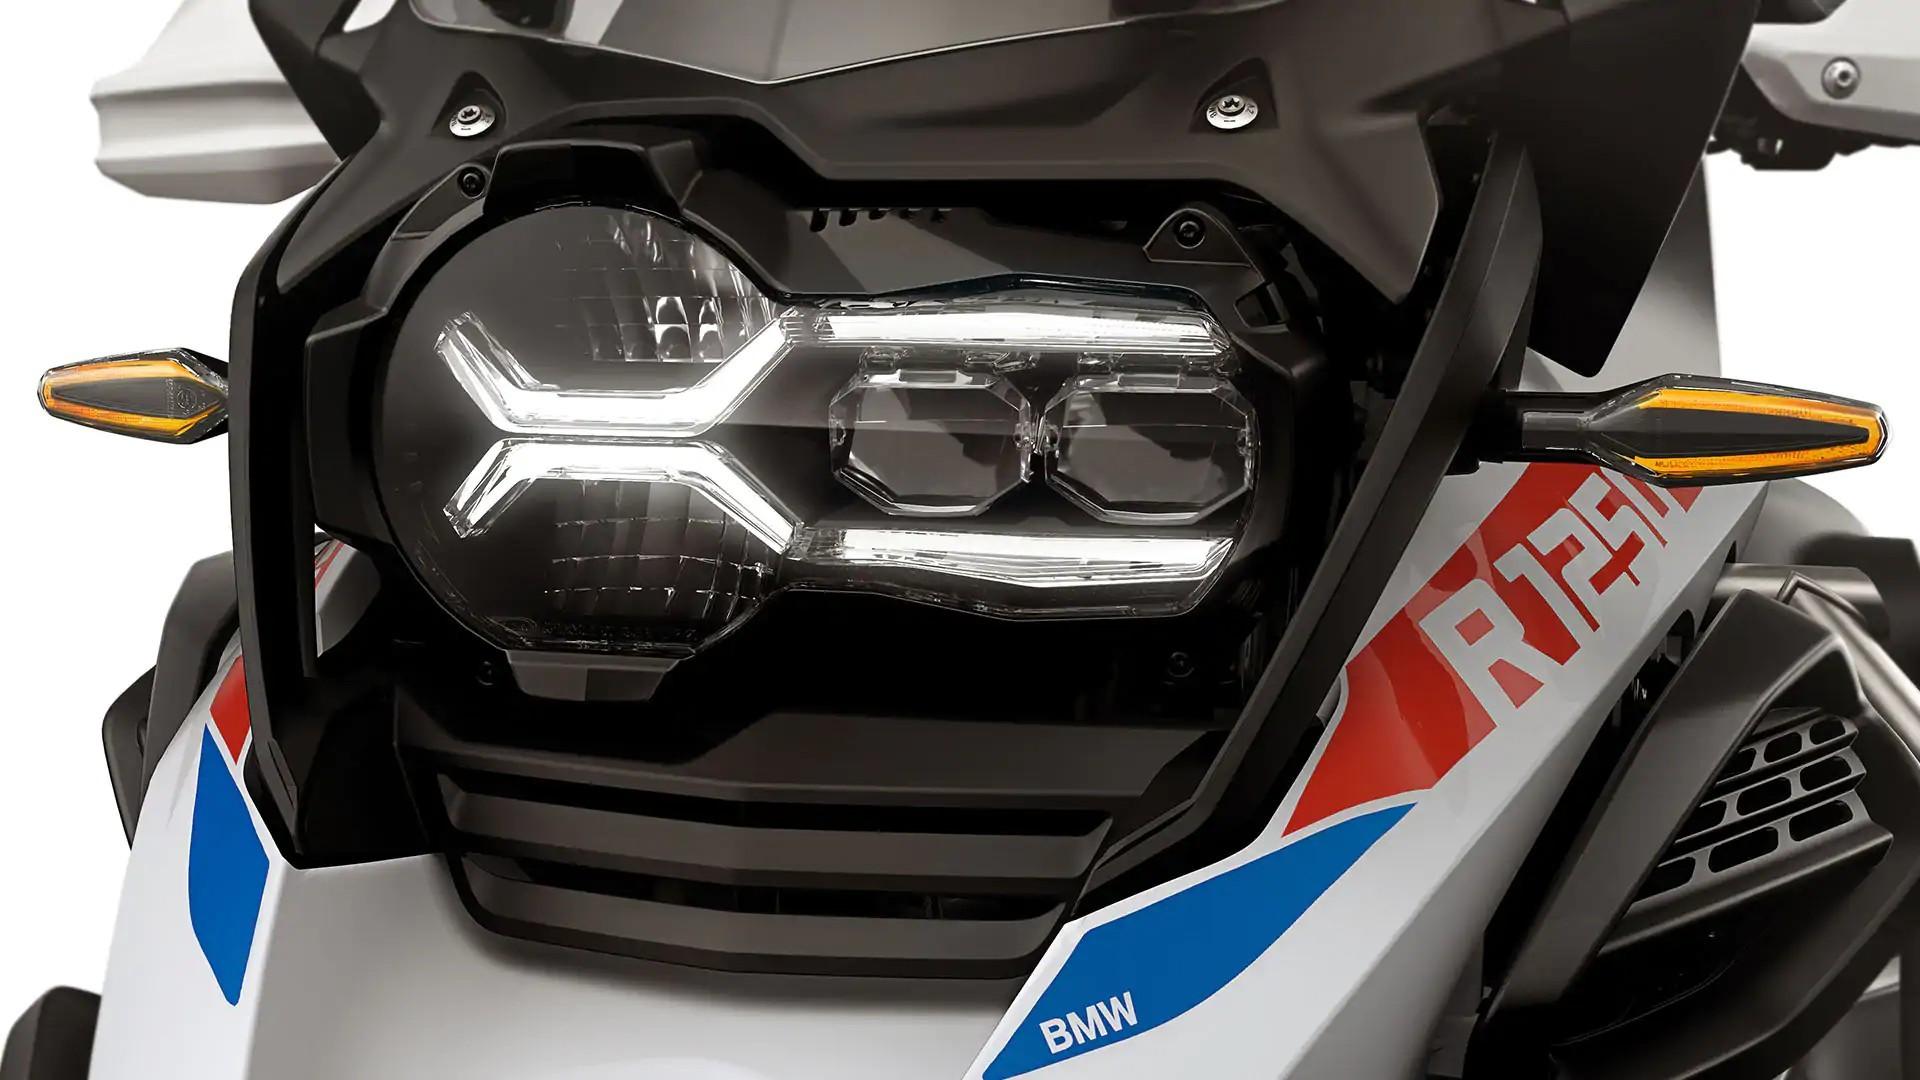 Світлодіодні вказівники повороту з функцією Cruising Light